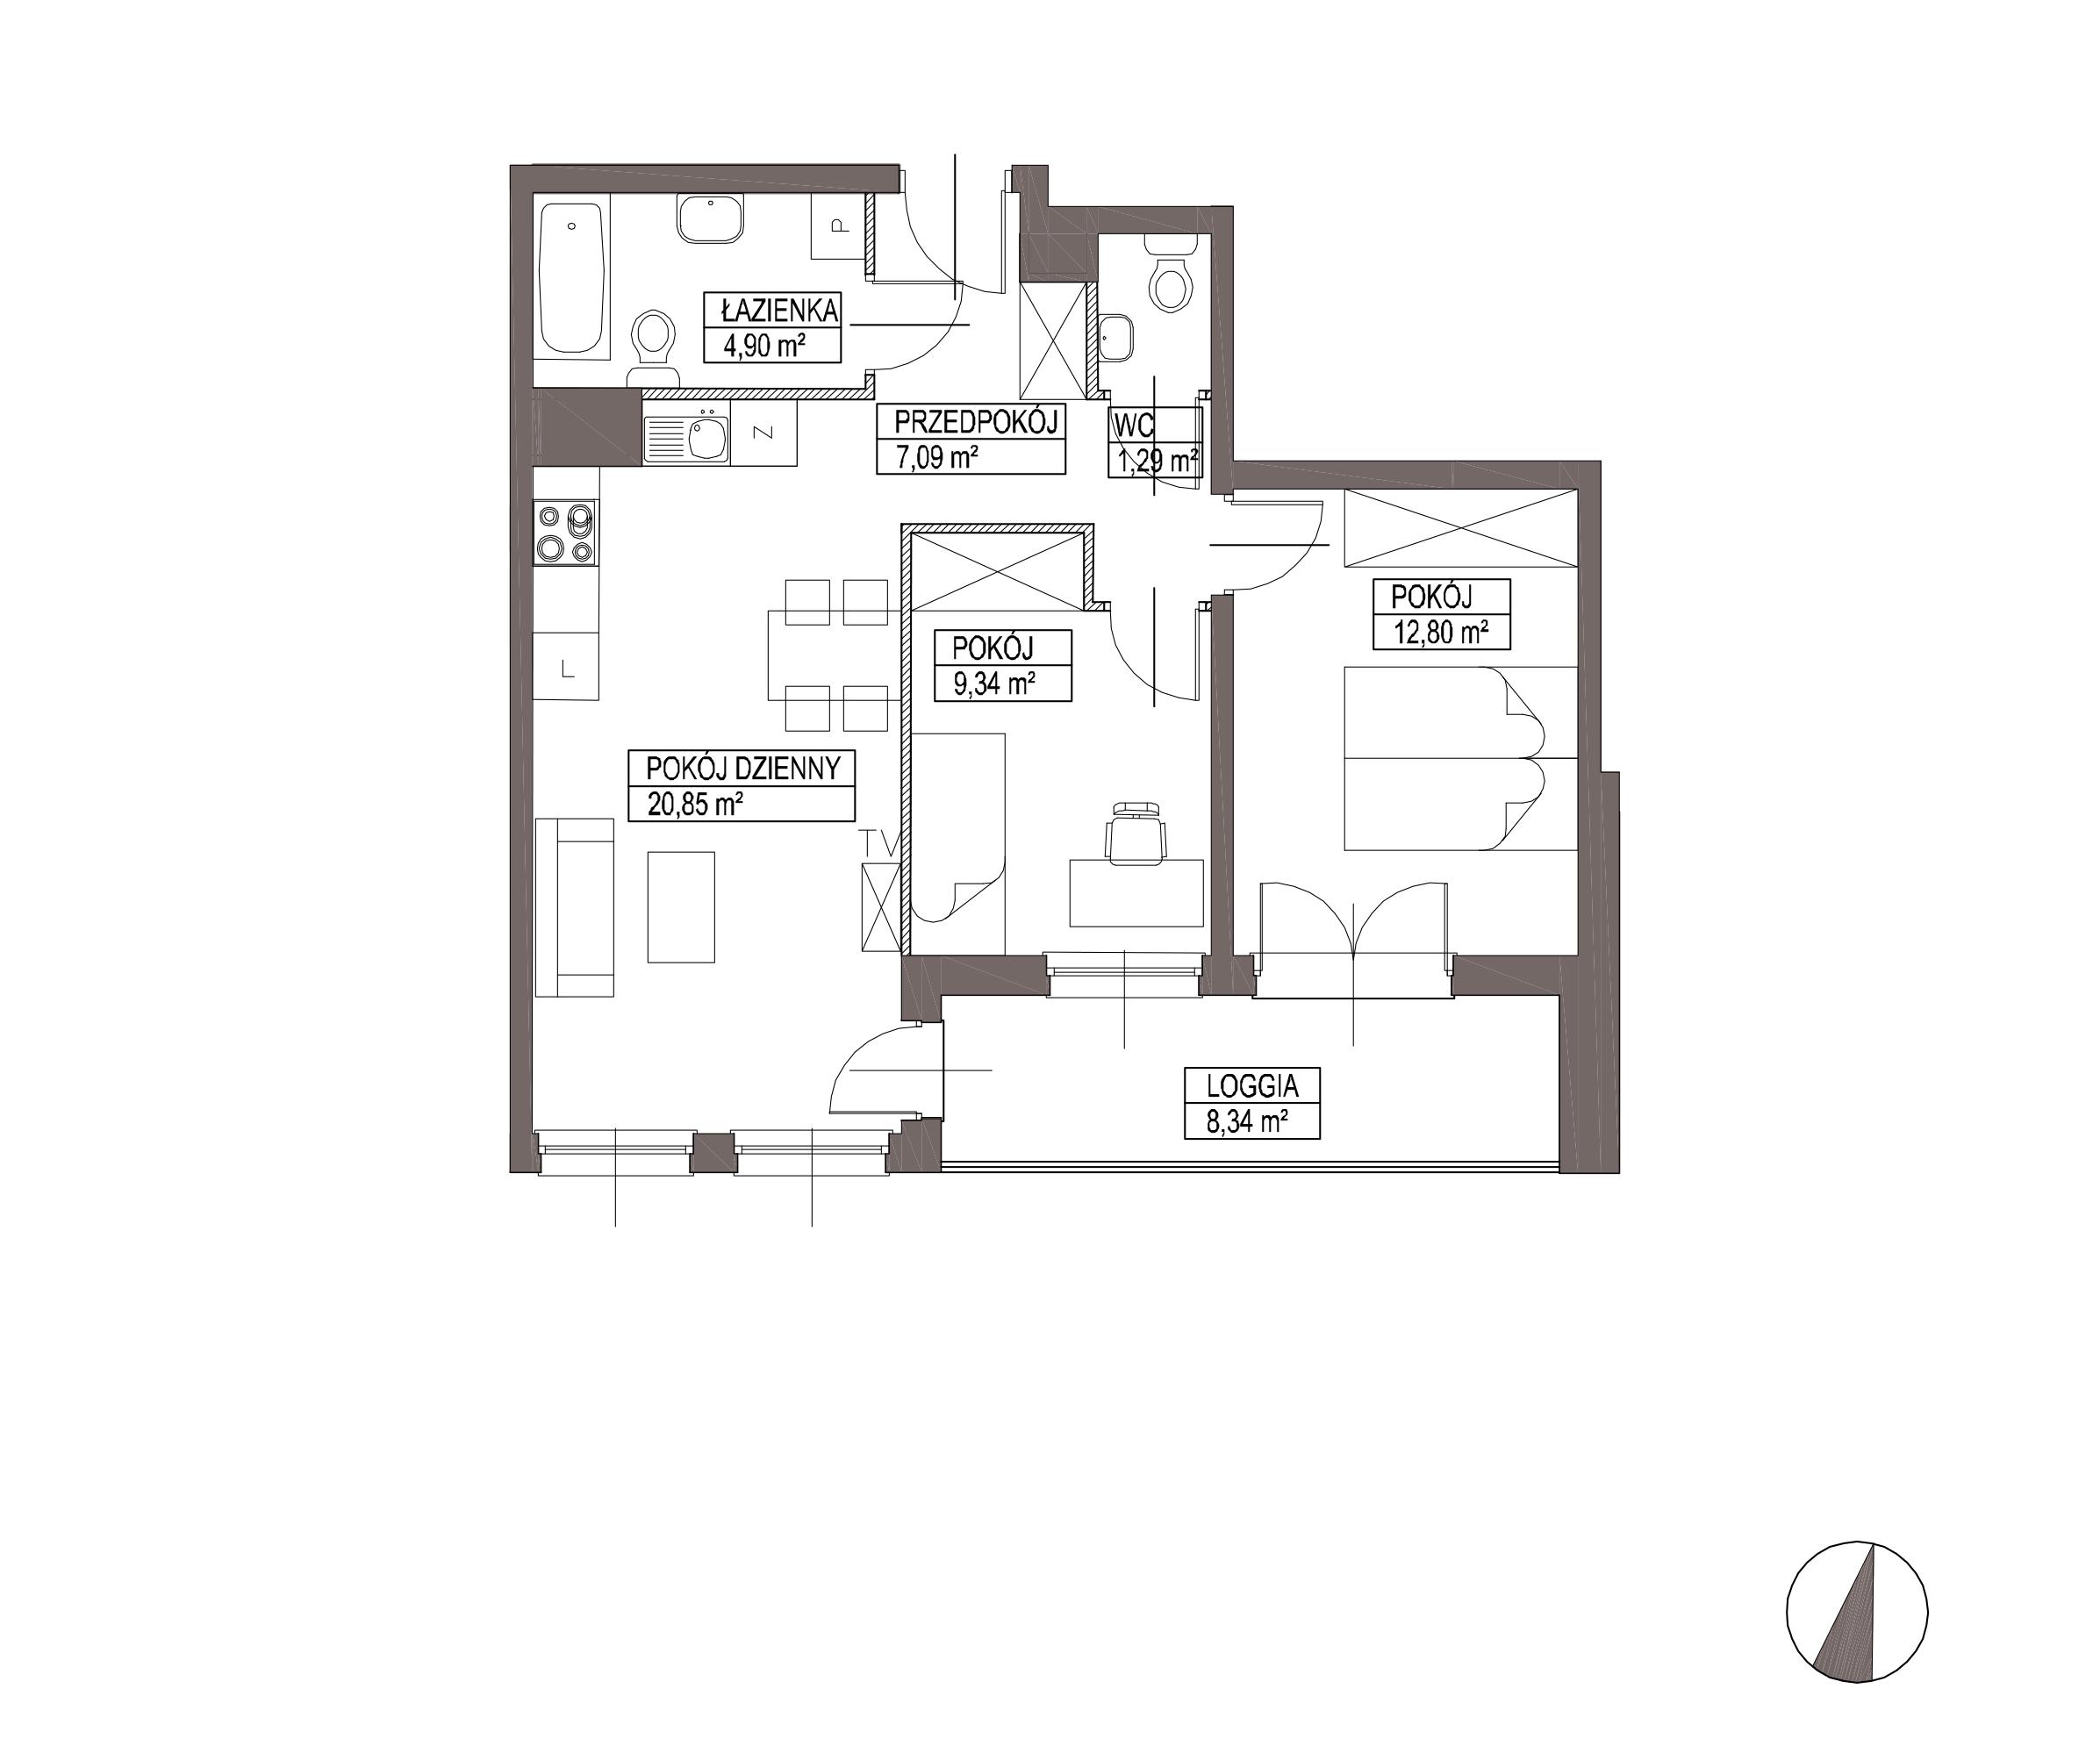 Kameralna Olszówka / budynek 1 / mieszkanie KO/A/1/2 rzut 1